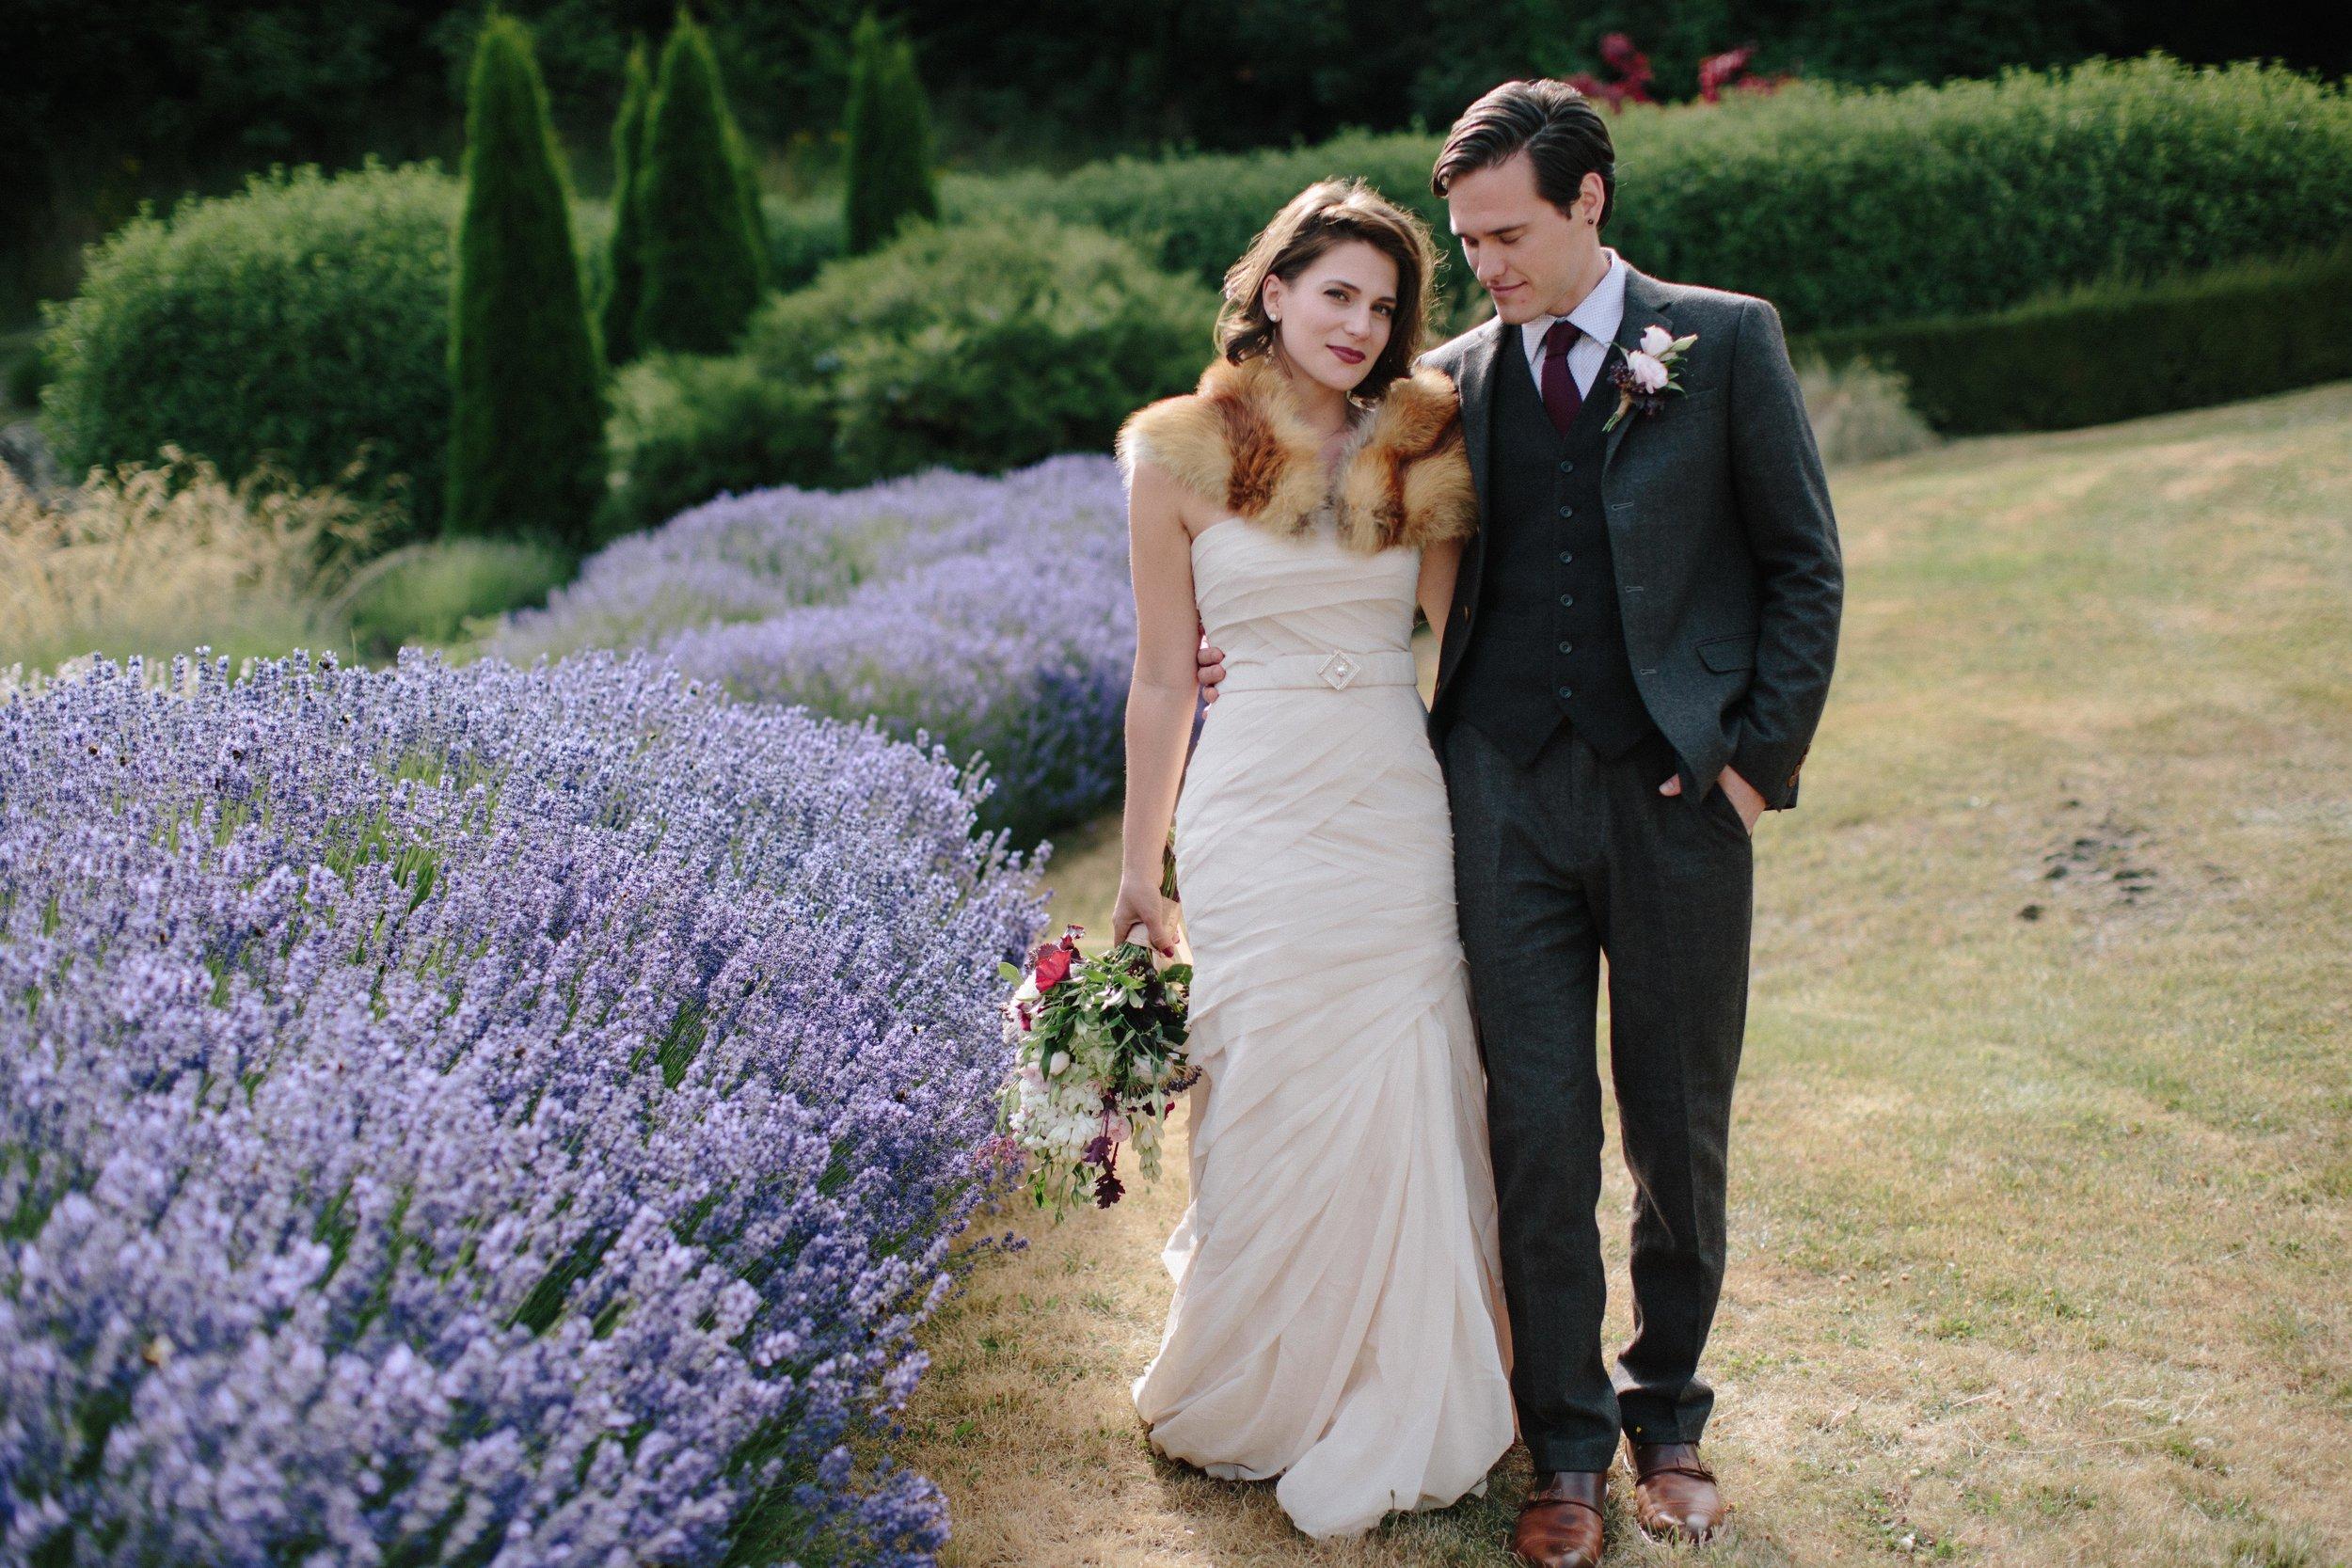 Gorgeous-New Zealand-Elopement-Blush-Wedding-Dress.jpg